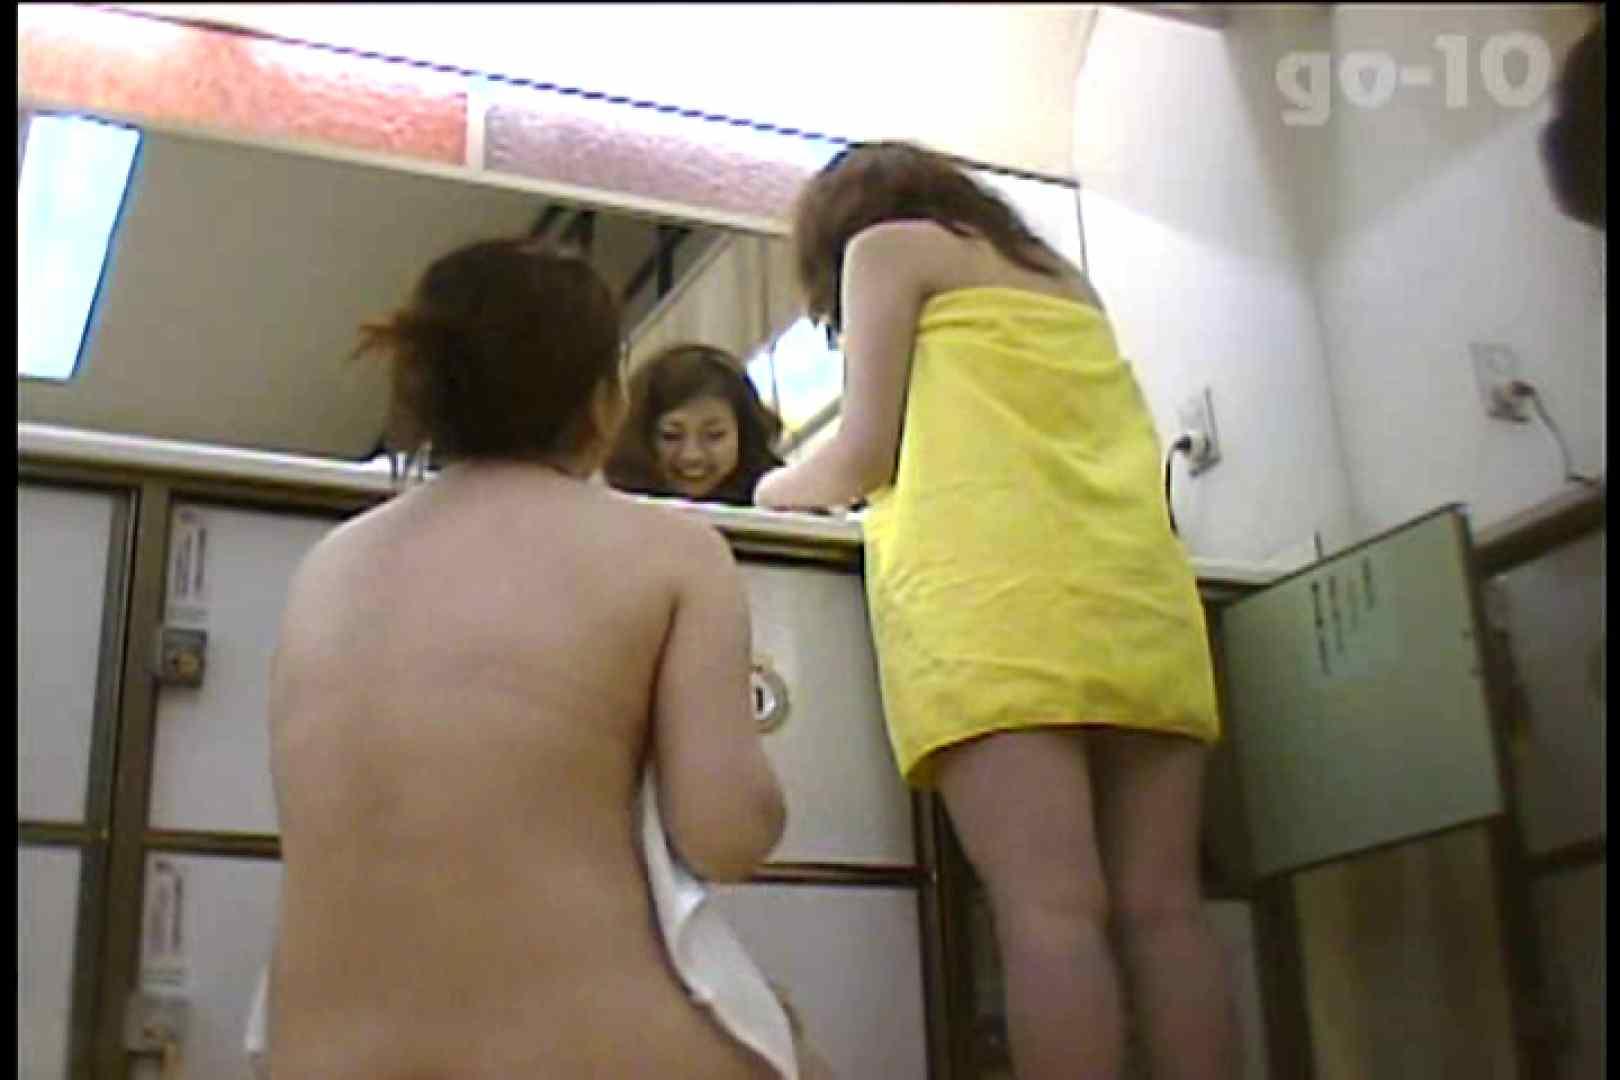 おまんこ 電波カメラ設置浴場からの防HAN映像 Vol.10 怪盗ジョーカー